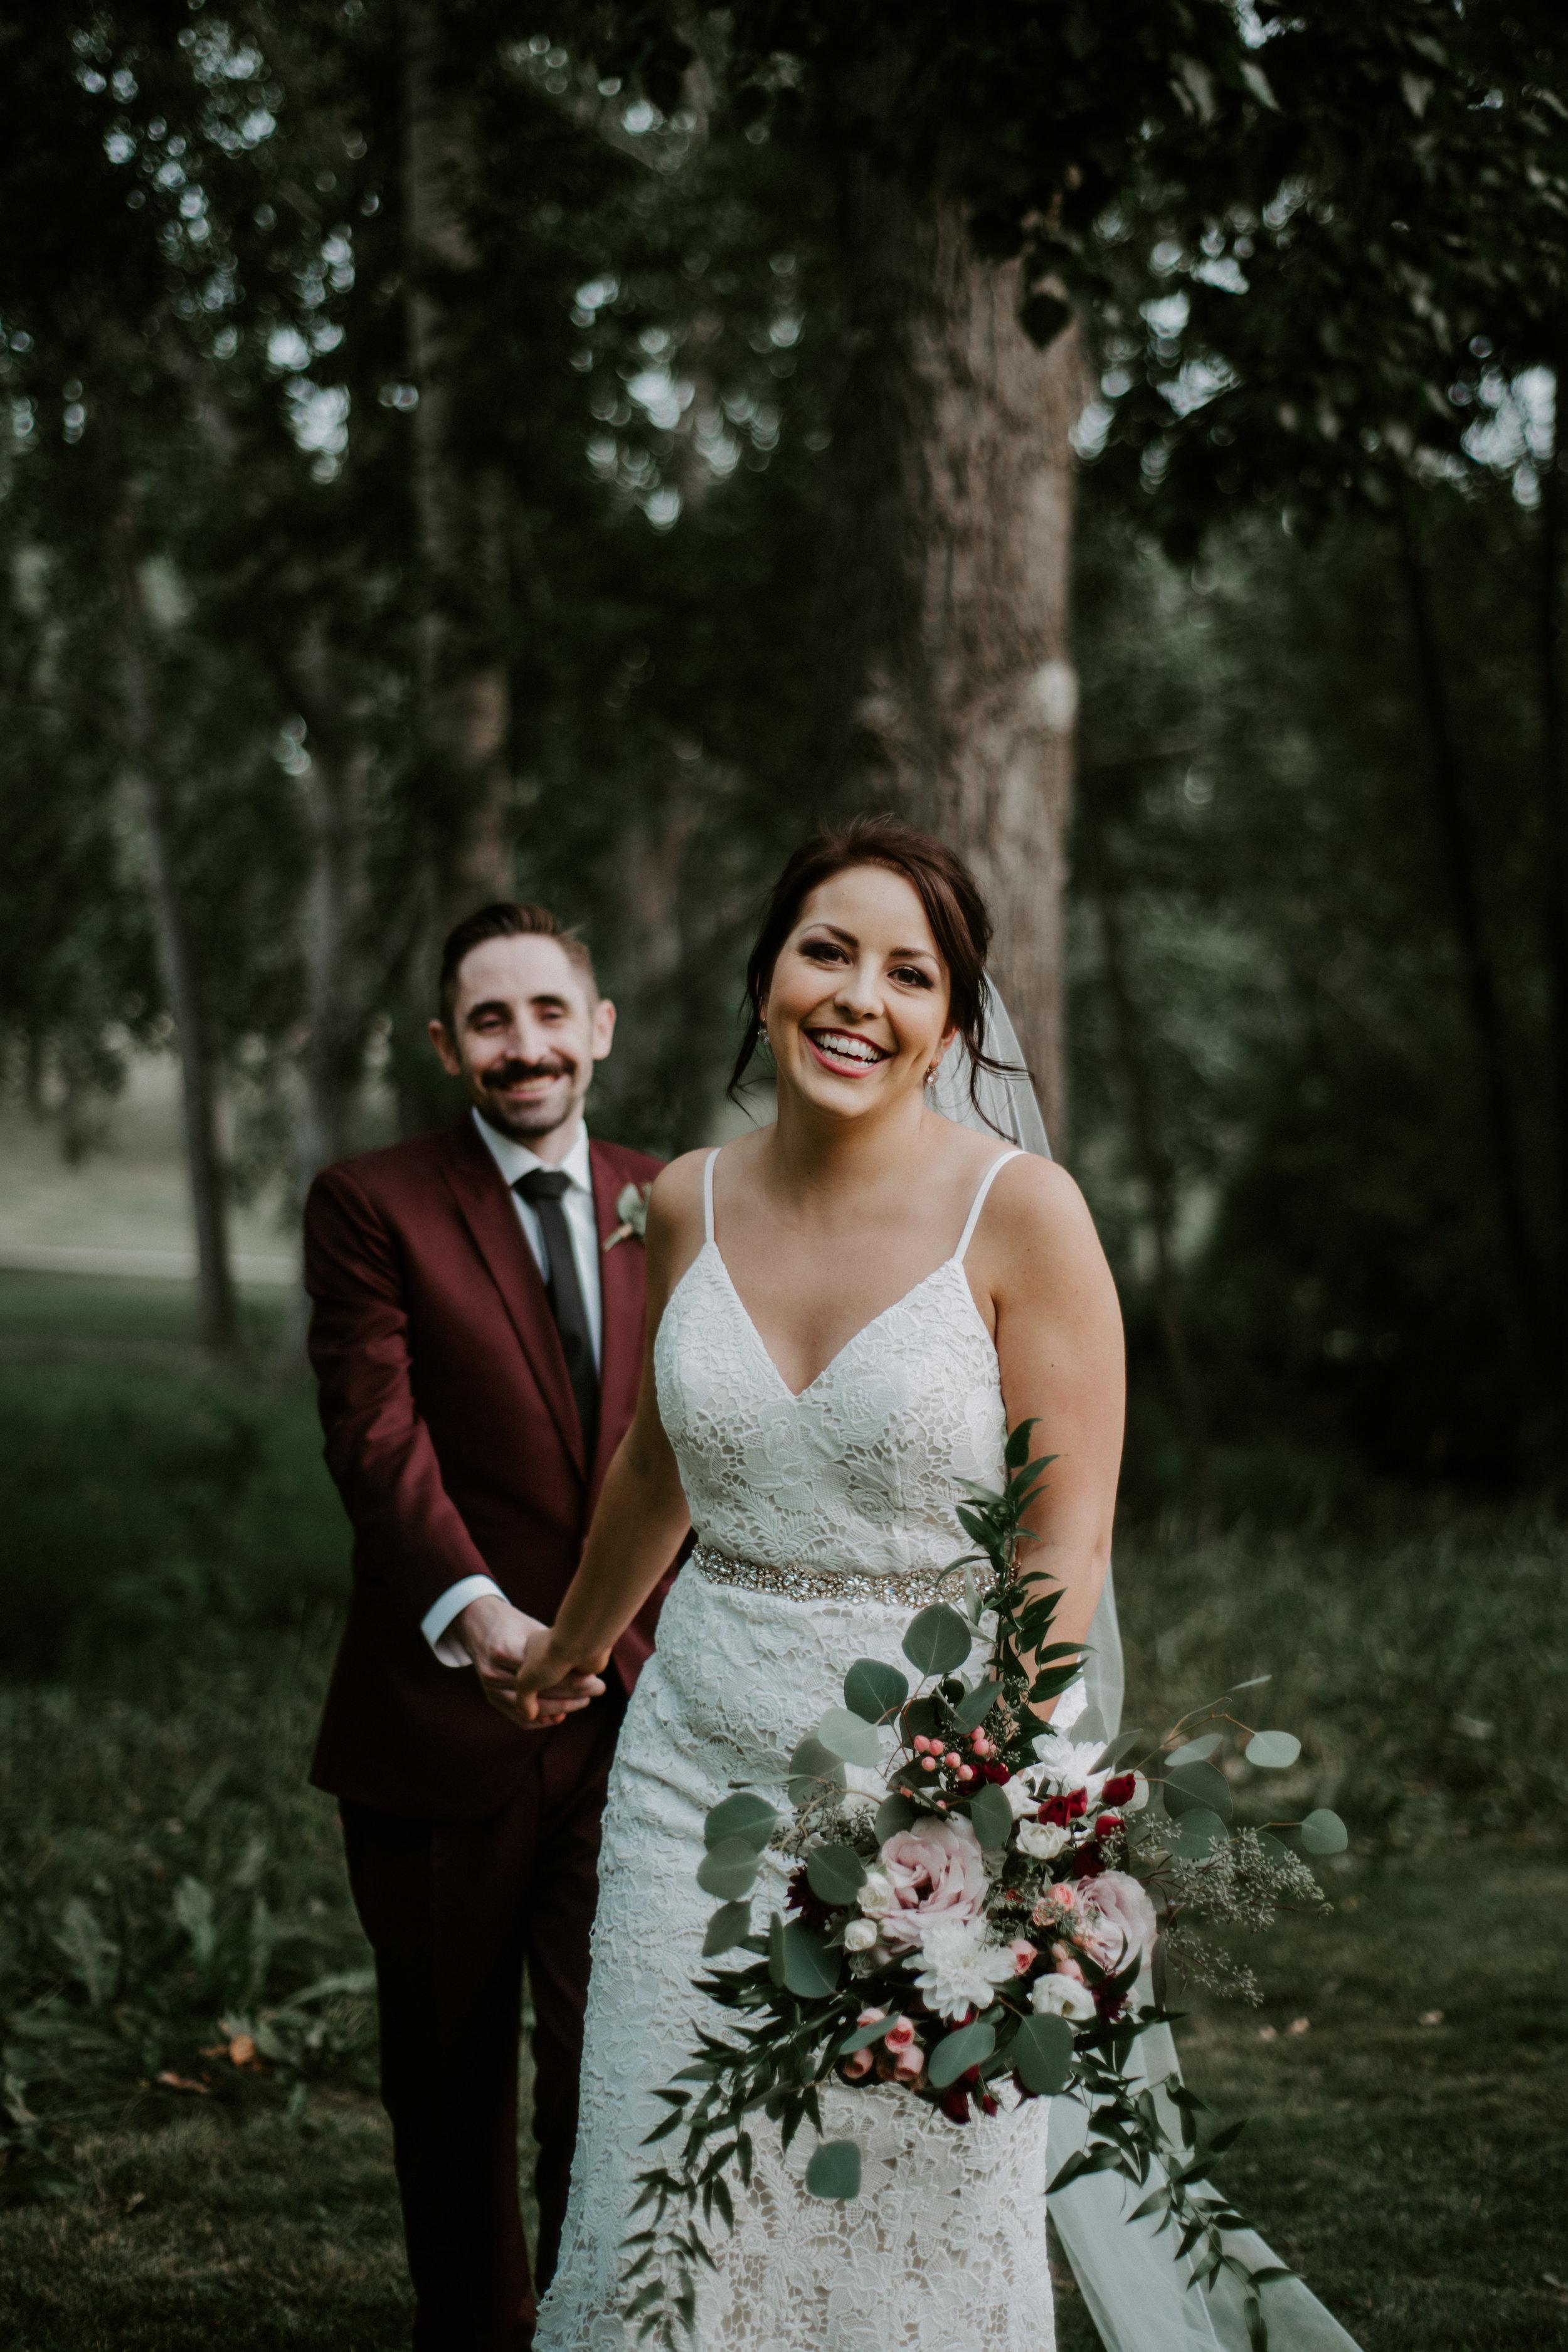 Calgary Wedding Photographer - 64 of 84.jpg